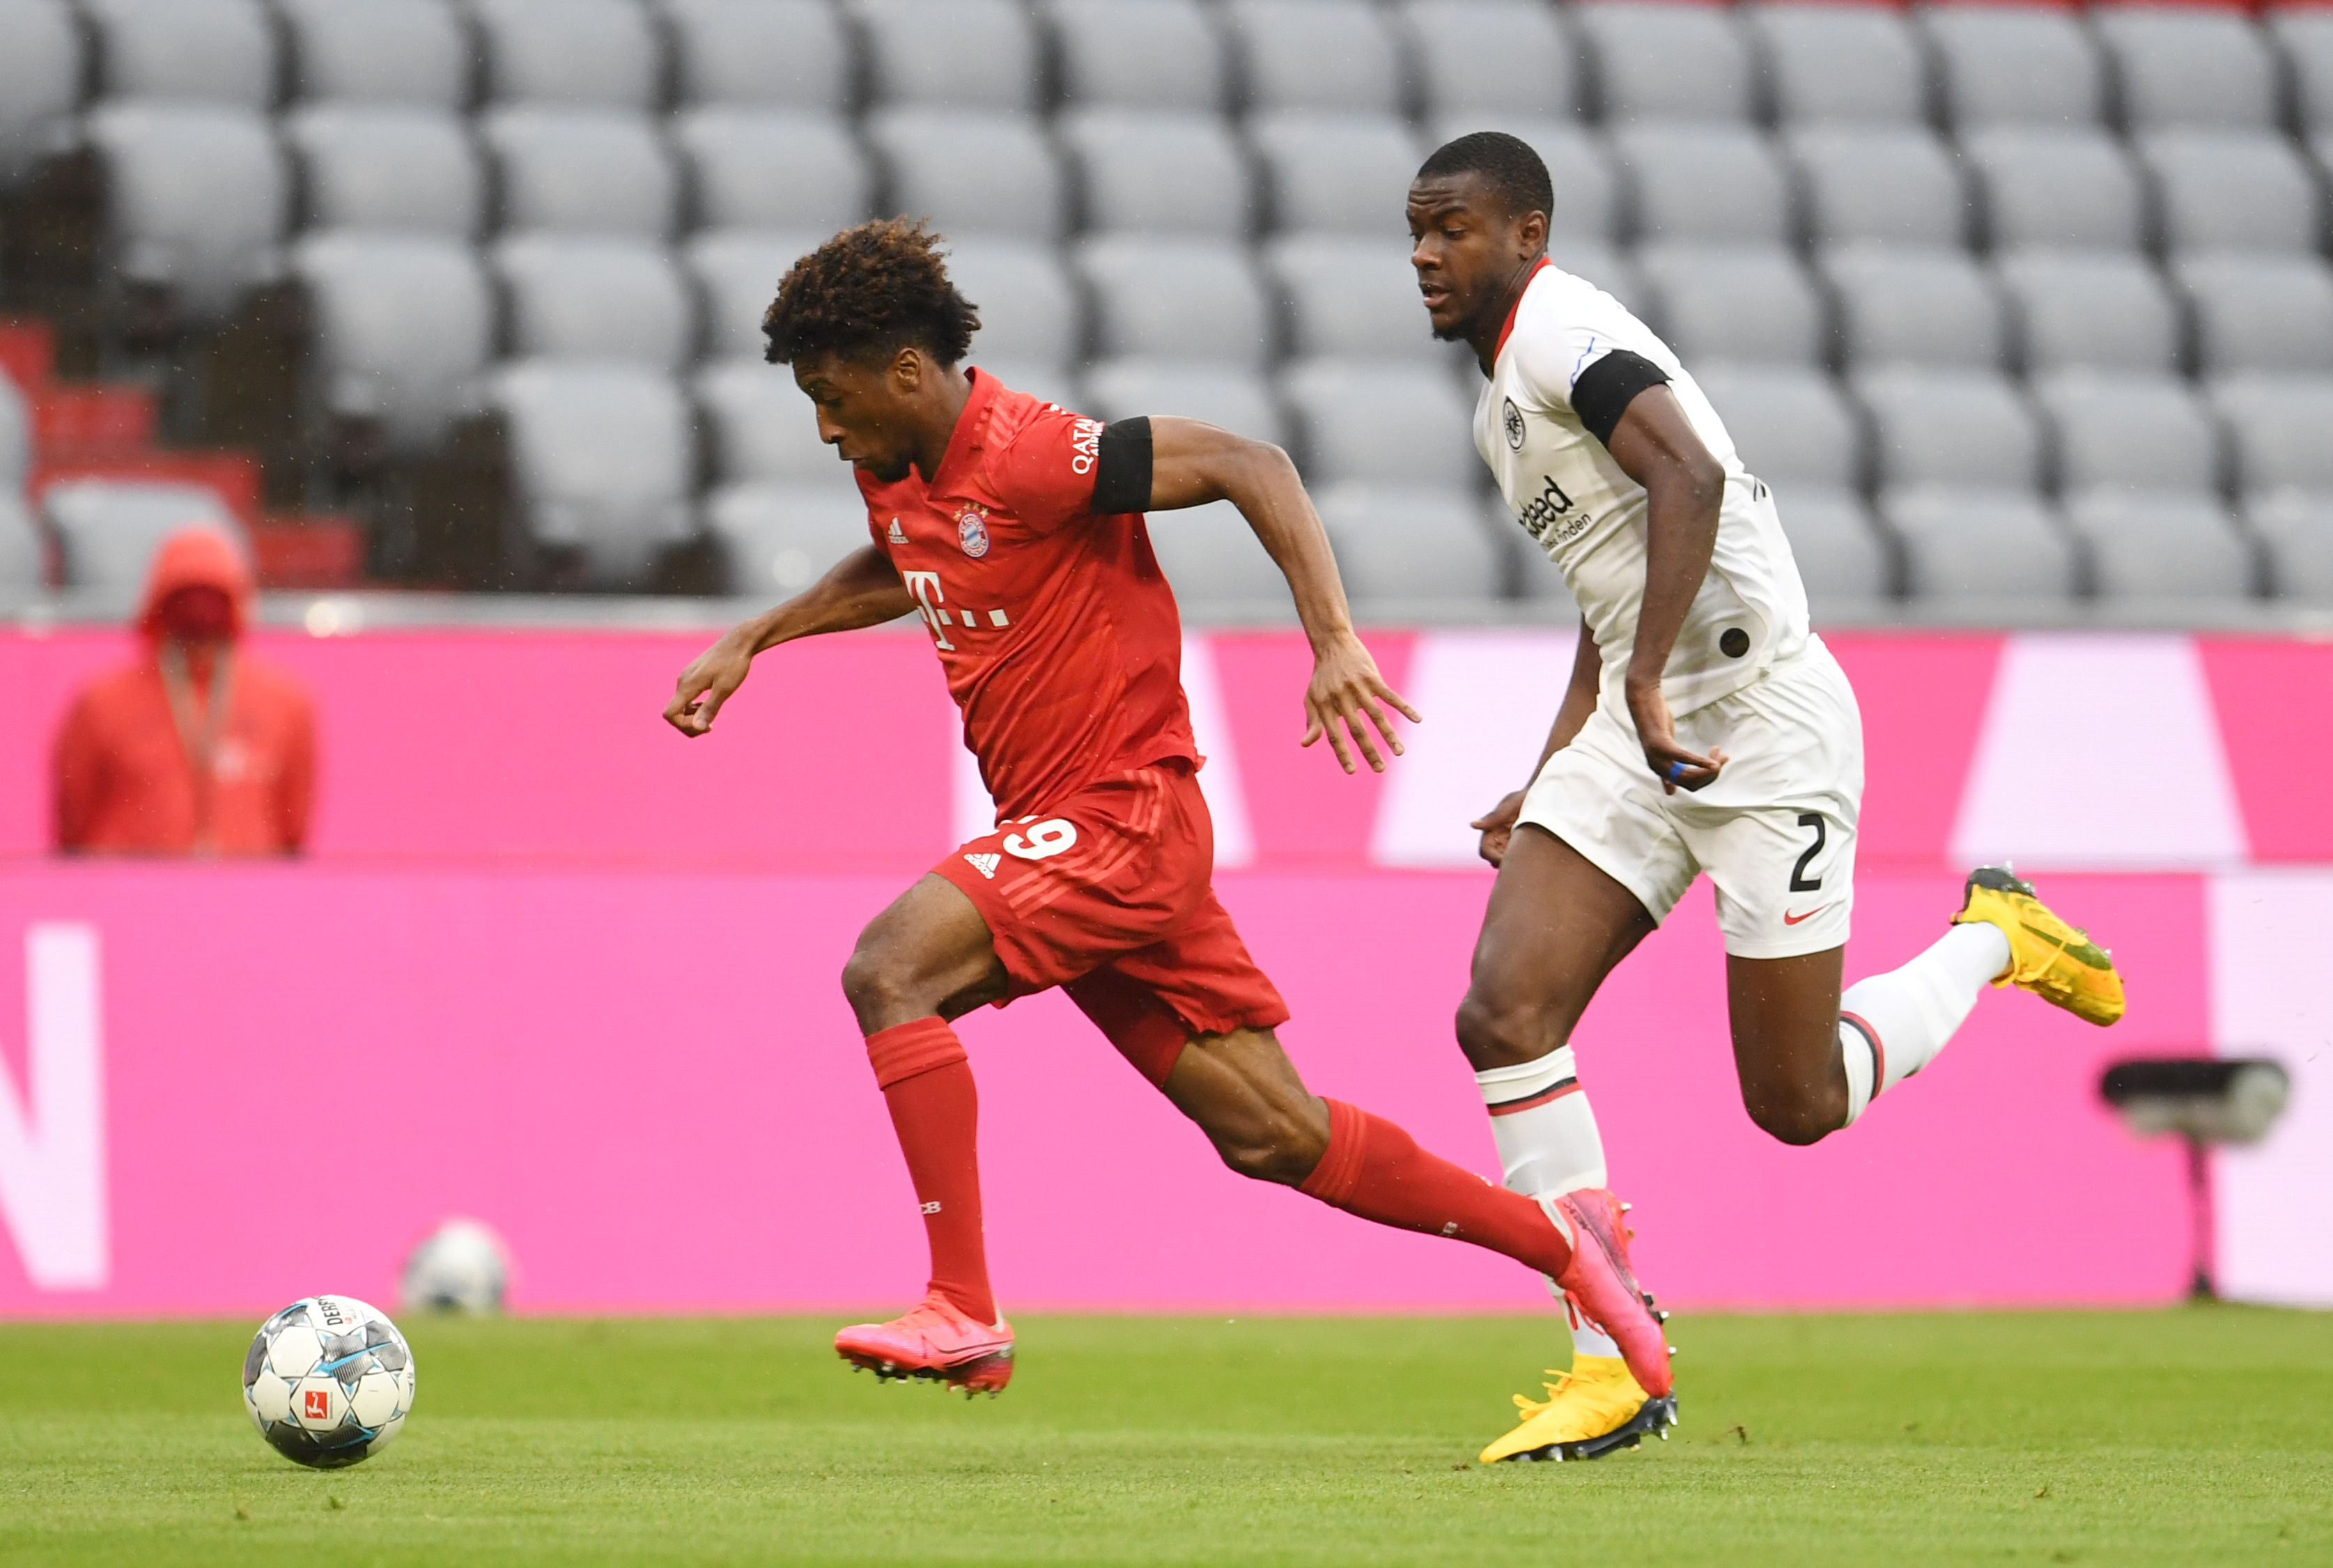 El FC Bayern München recibe al Eintracht Frankfurt con la obligación de ganar (Reuters)